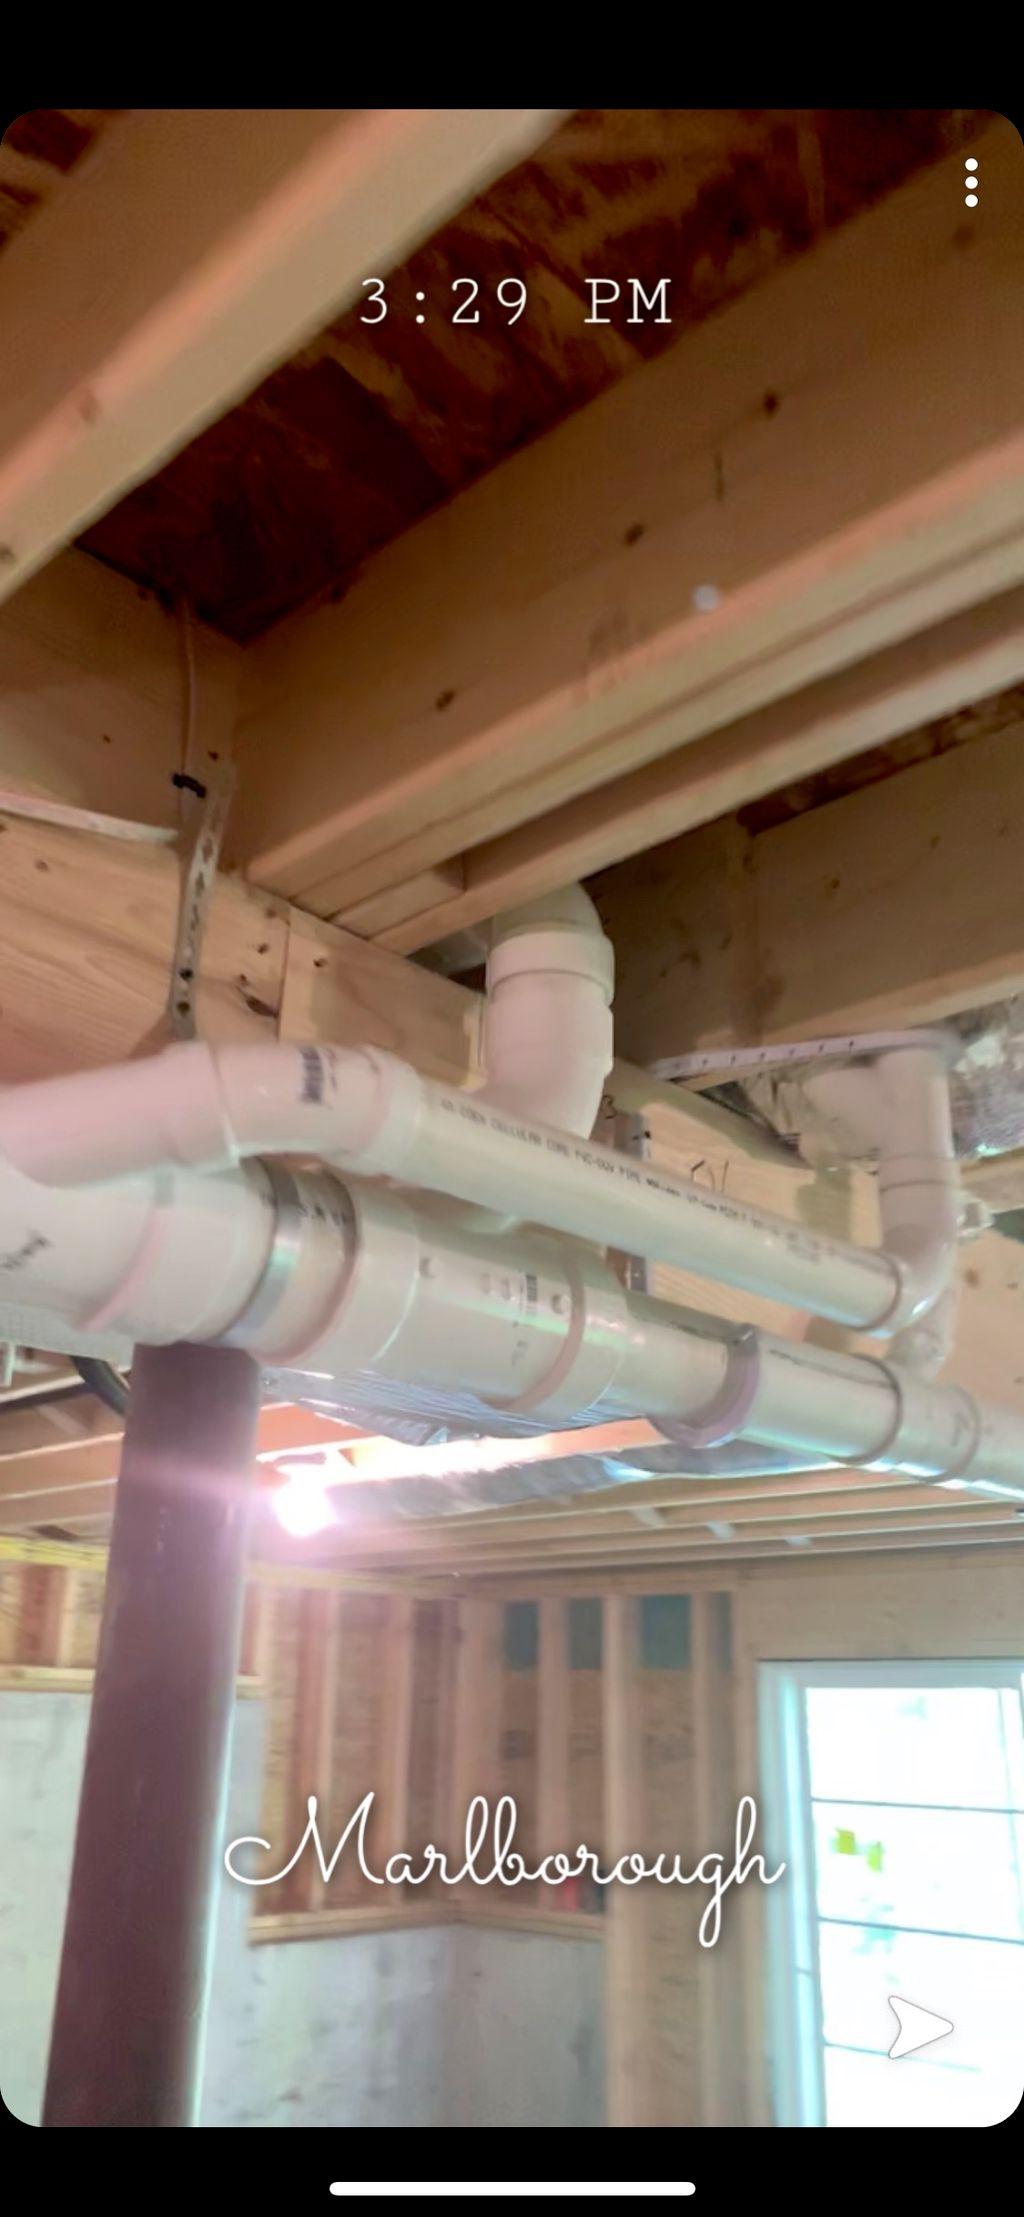 Plumbing and electrical repair